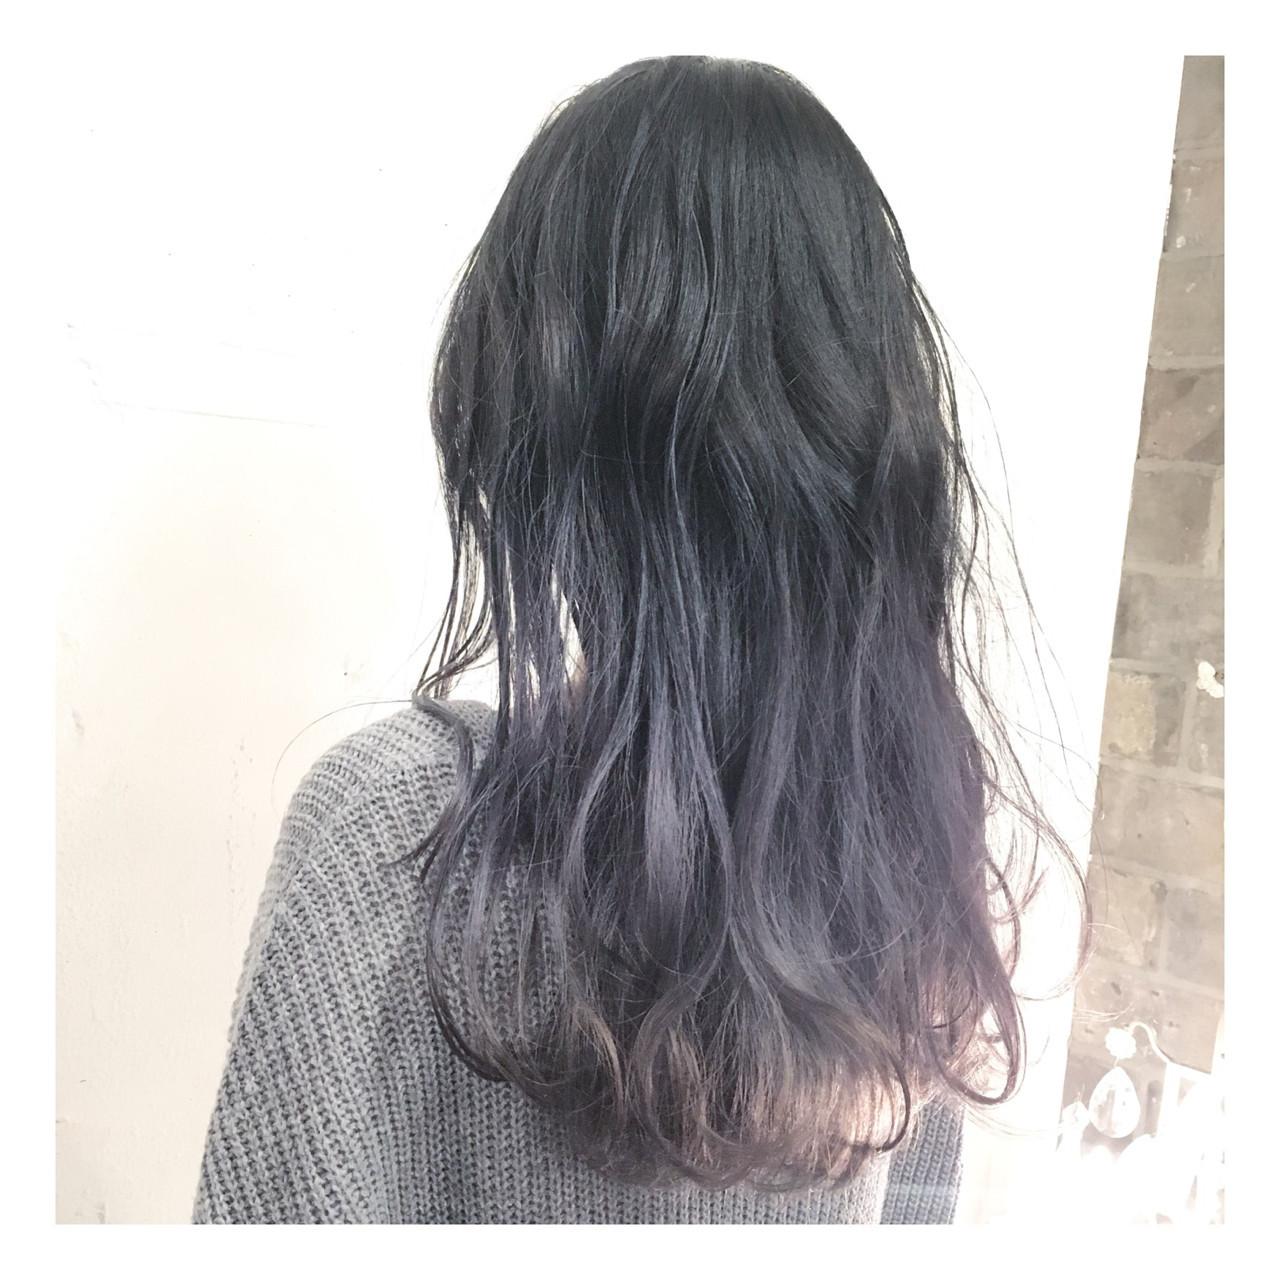 ロング 黒髪 アッシュ モード ヘアスタイルや髪型の写真・画像